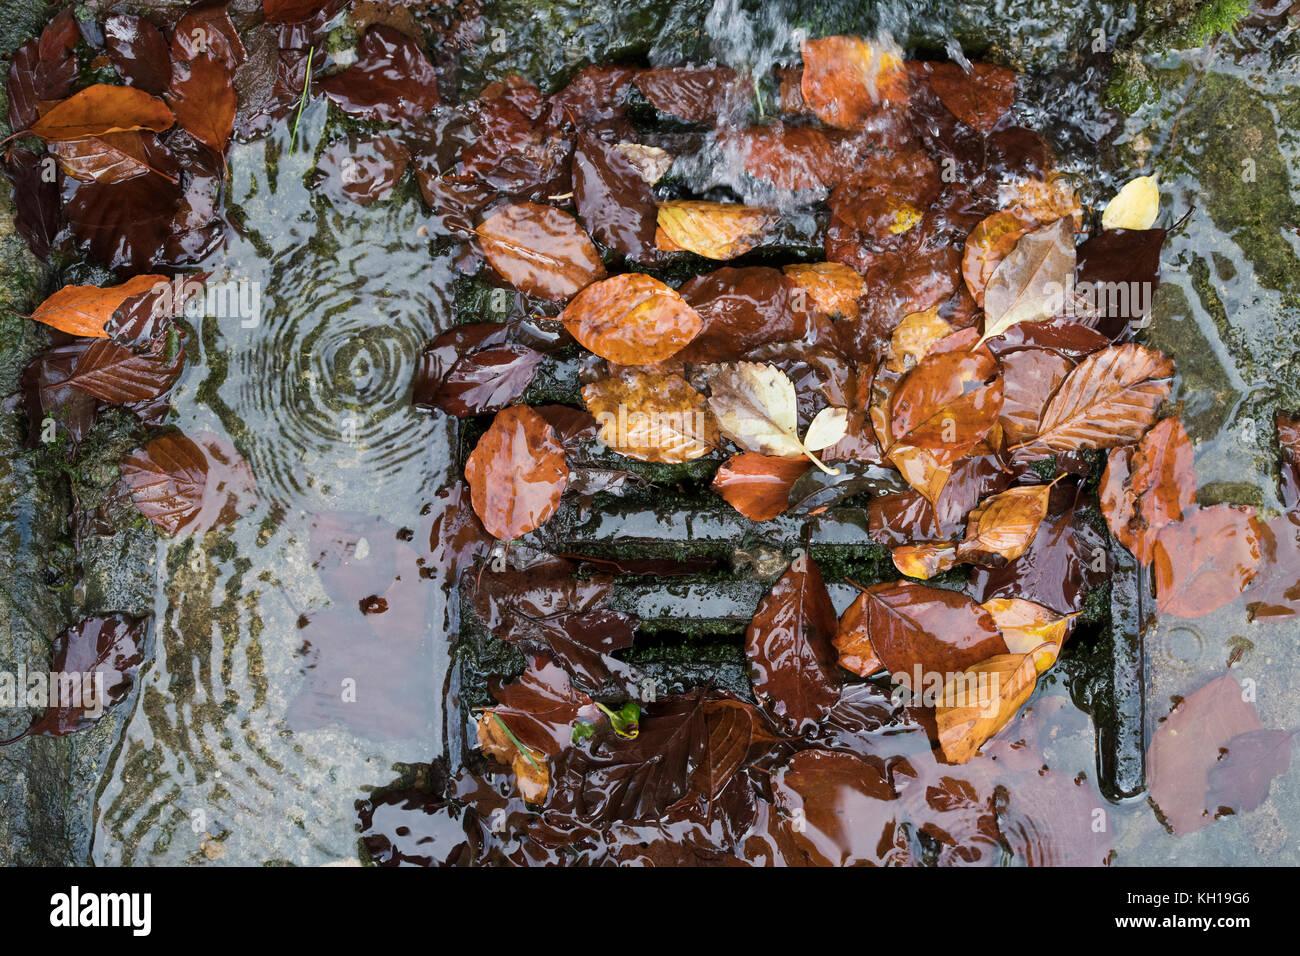 Autunno argento Betulla foglie bloccare una strada coperchio di scarico. Regno Unito Immagini Stock